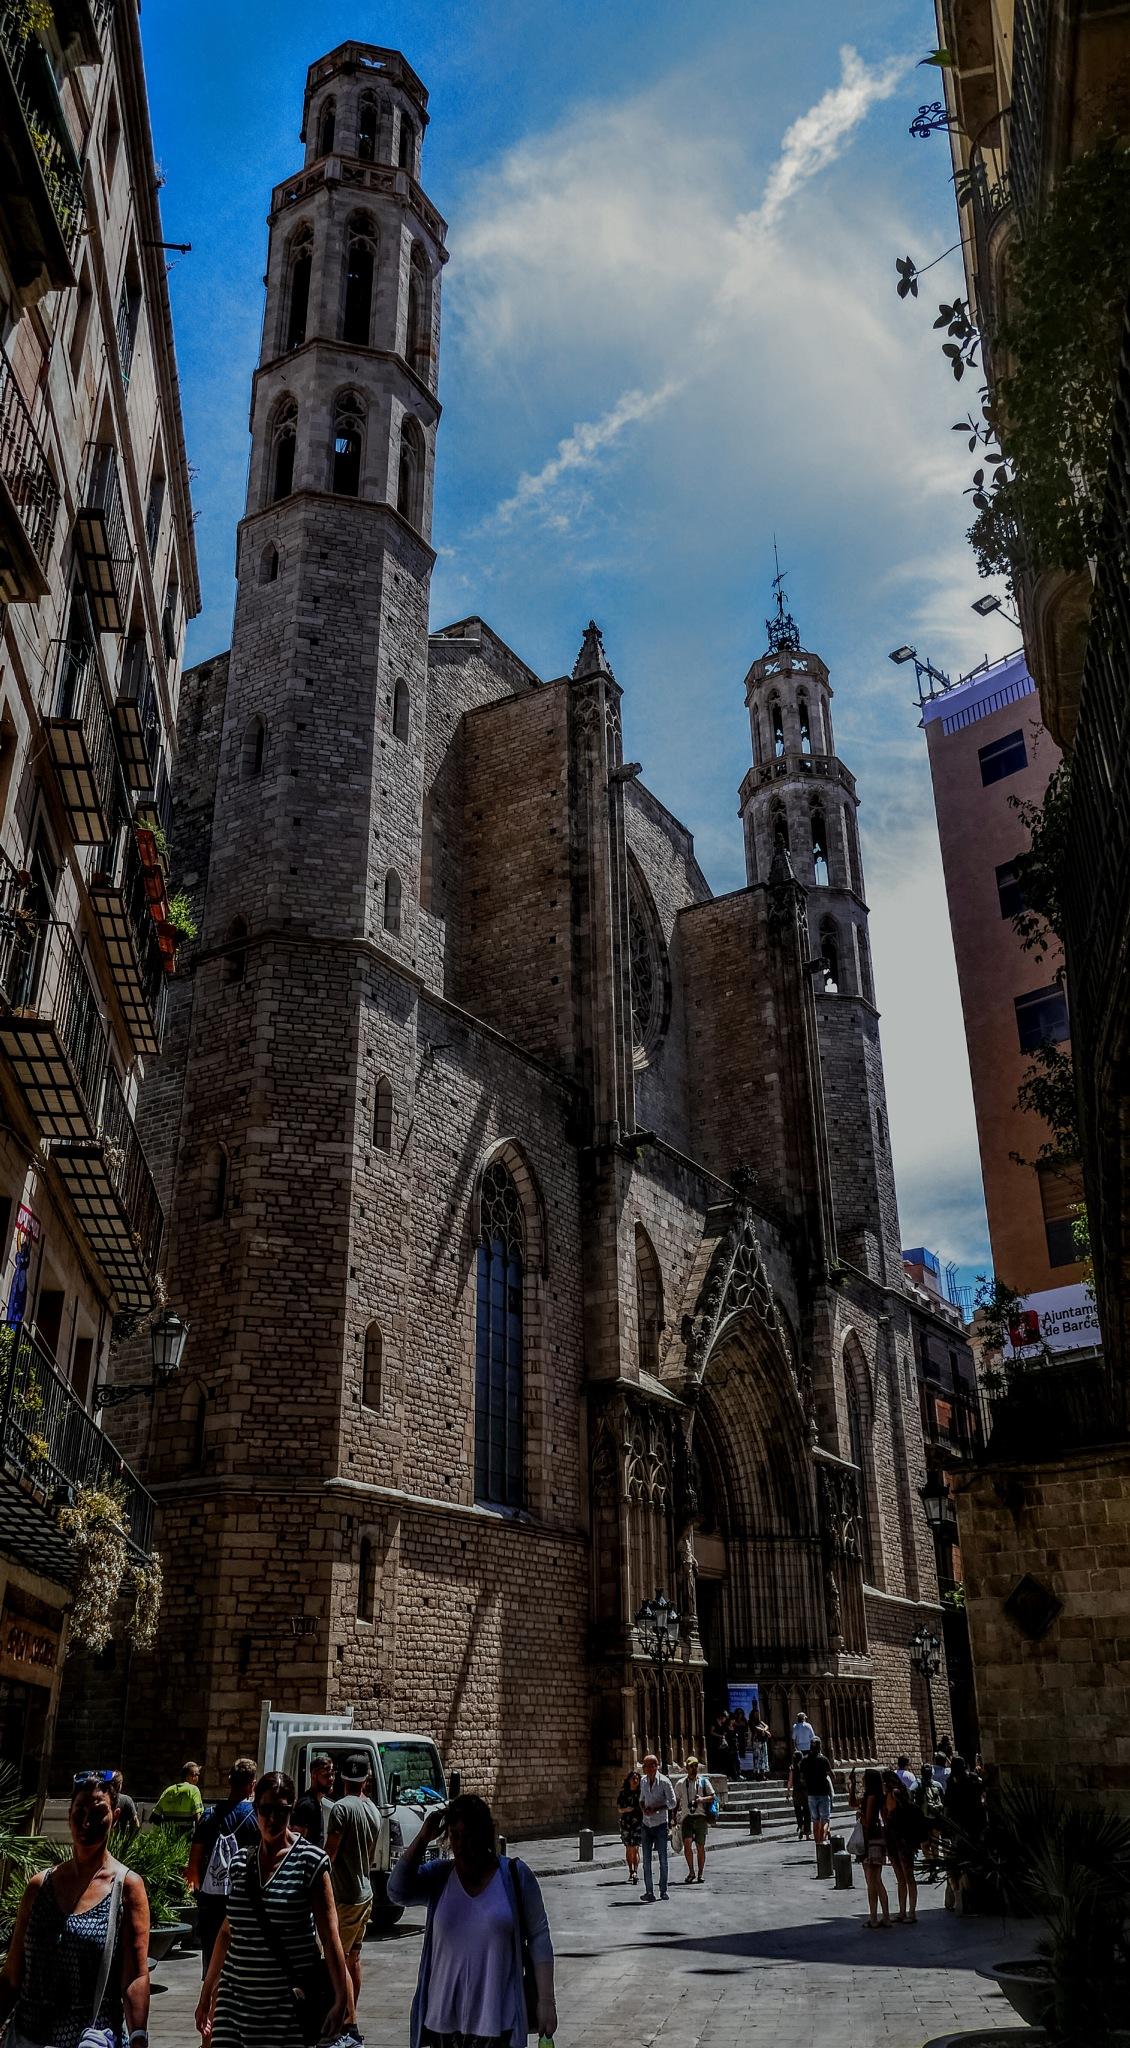 Catedral del Mar by José Antonio Fernández Gómez